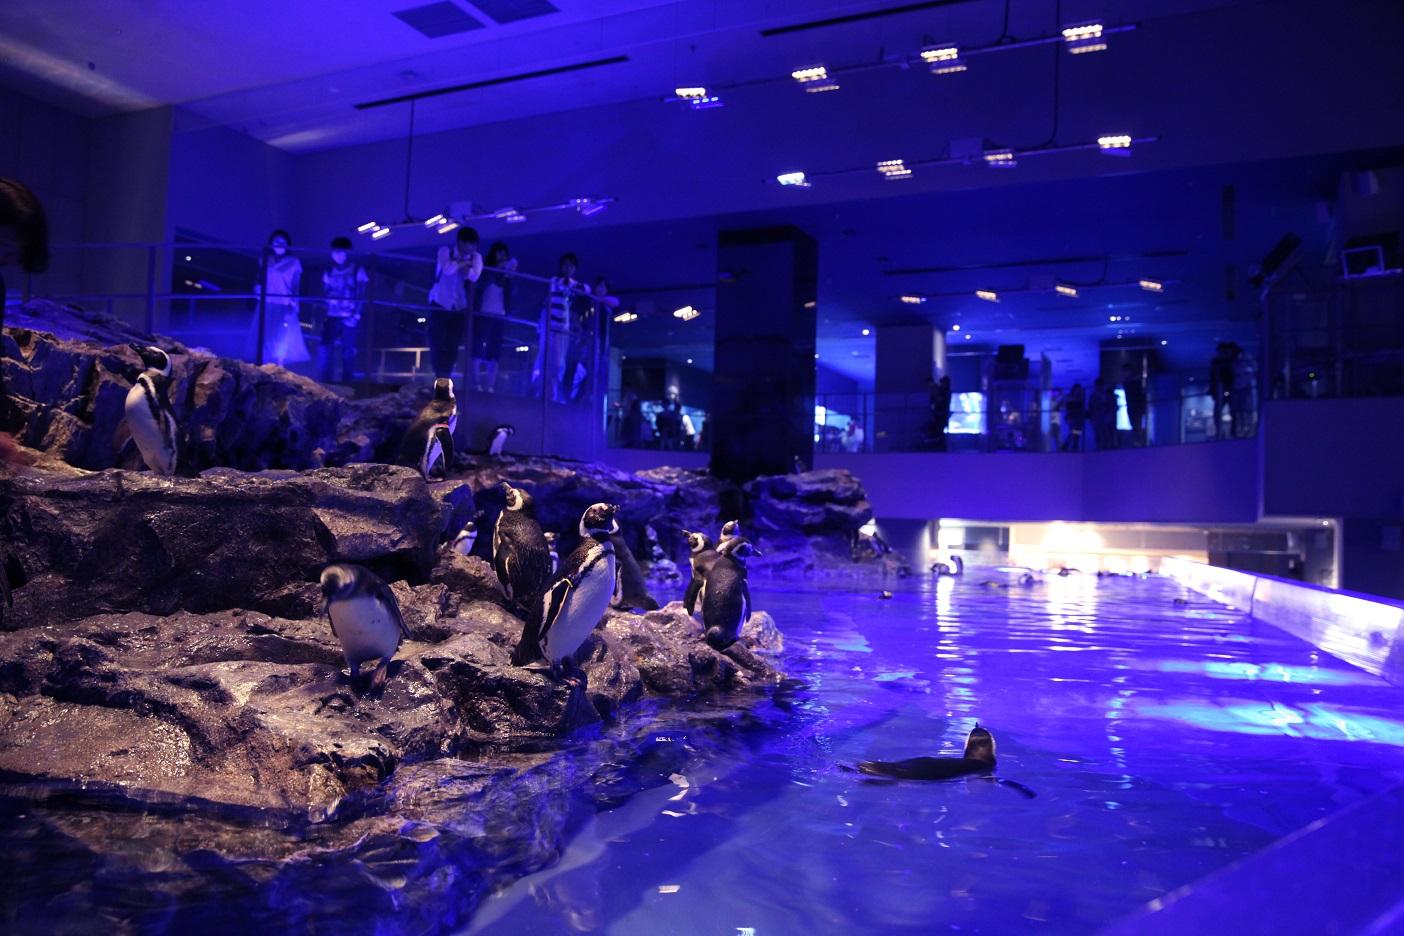 墨田区立の小学生[無料]も 夜の水族館でホタル観賞(すみだ水族館)